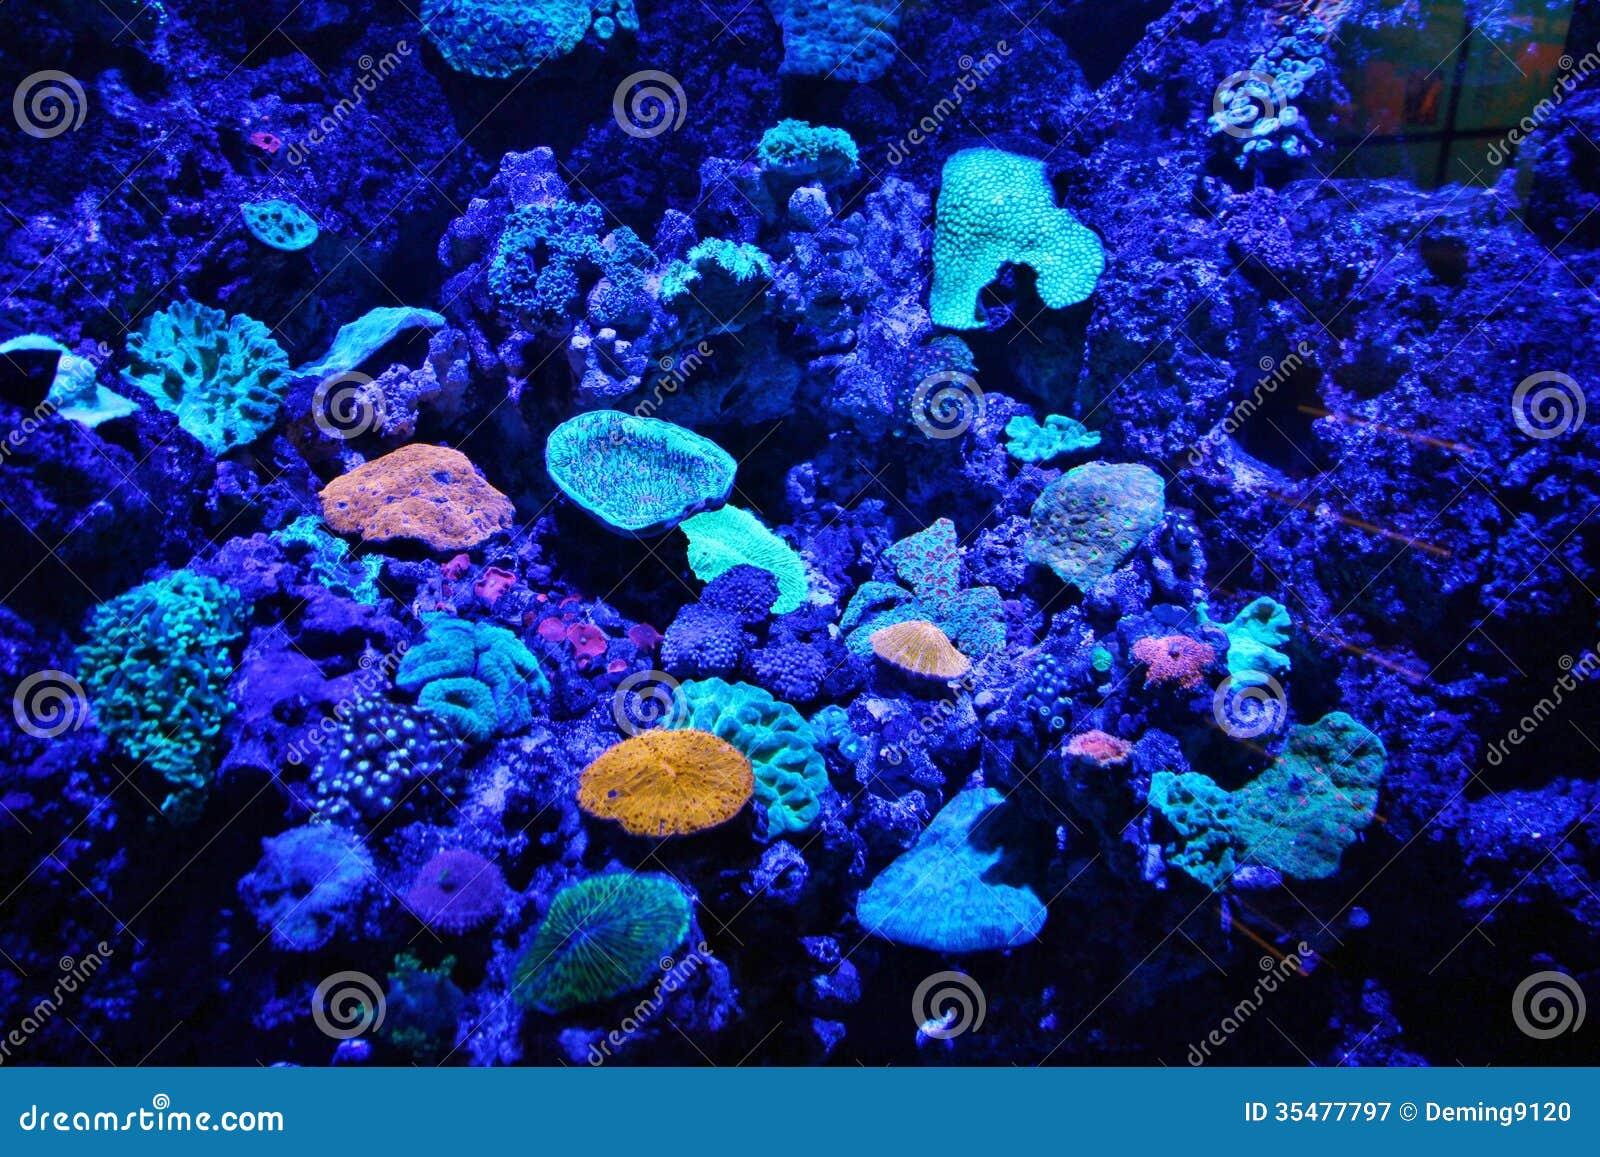 Blue Aquarium Royalty Free Stock Photography Image 35477797